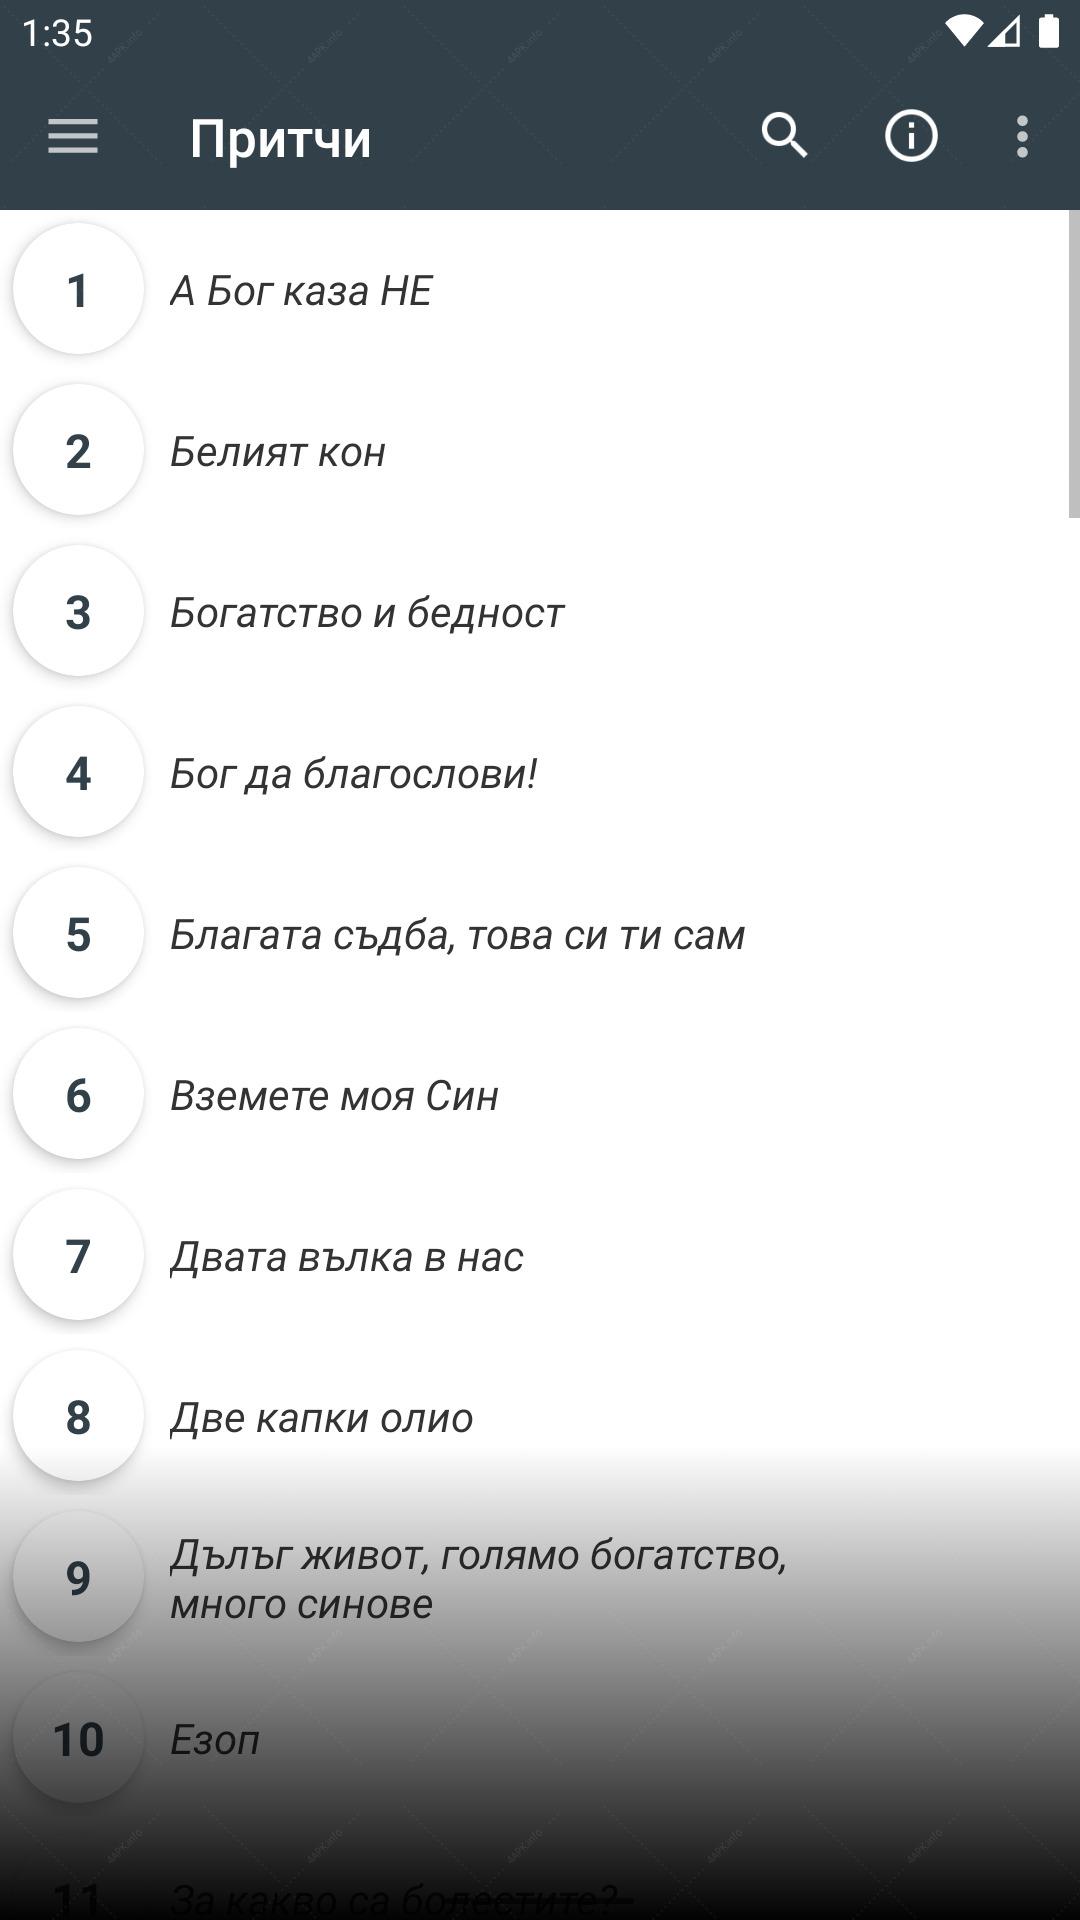 Проверка Авто ГИБДД, VIN, ОСАГО, штрафы, залоги screenshot